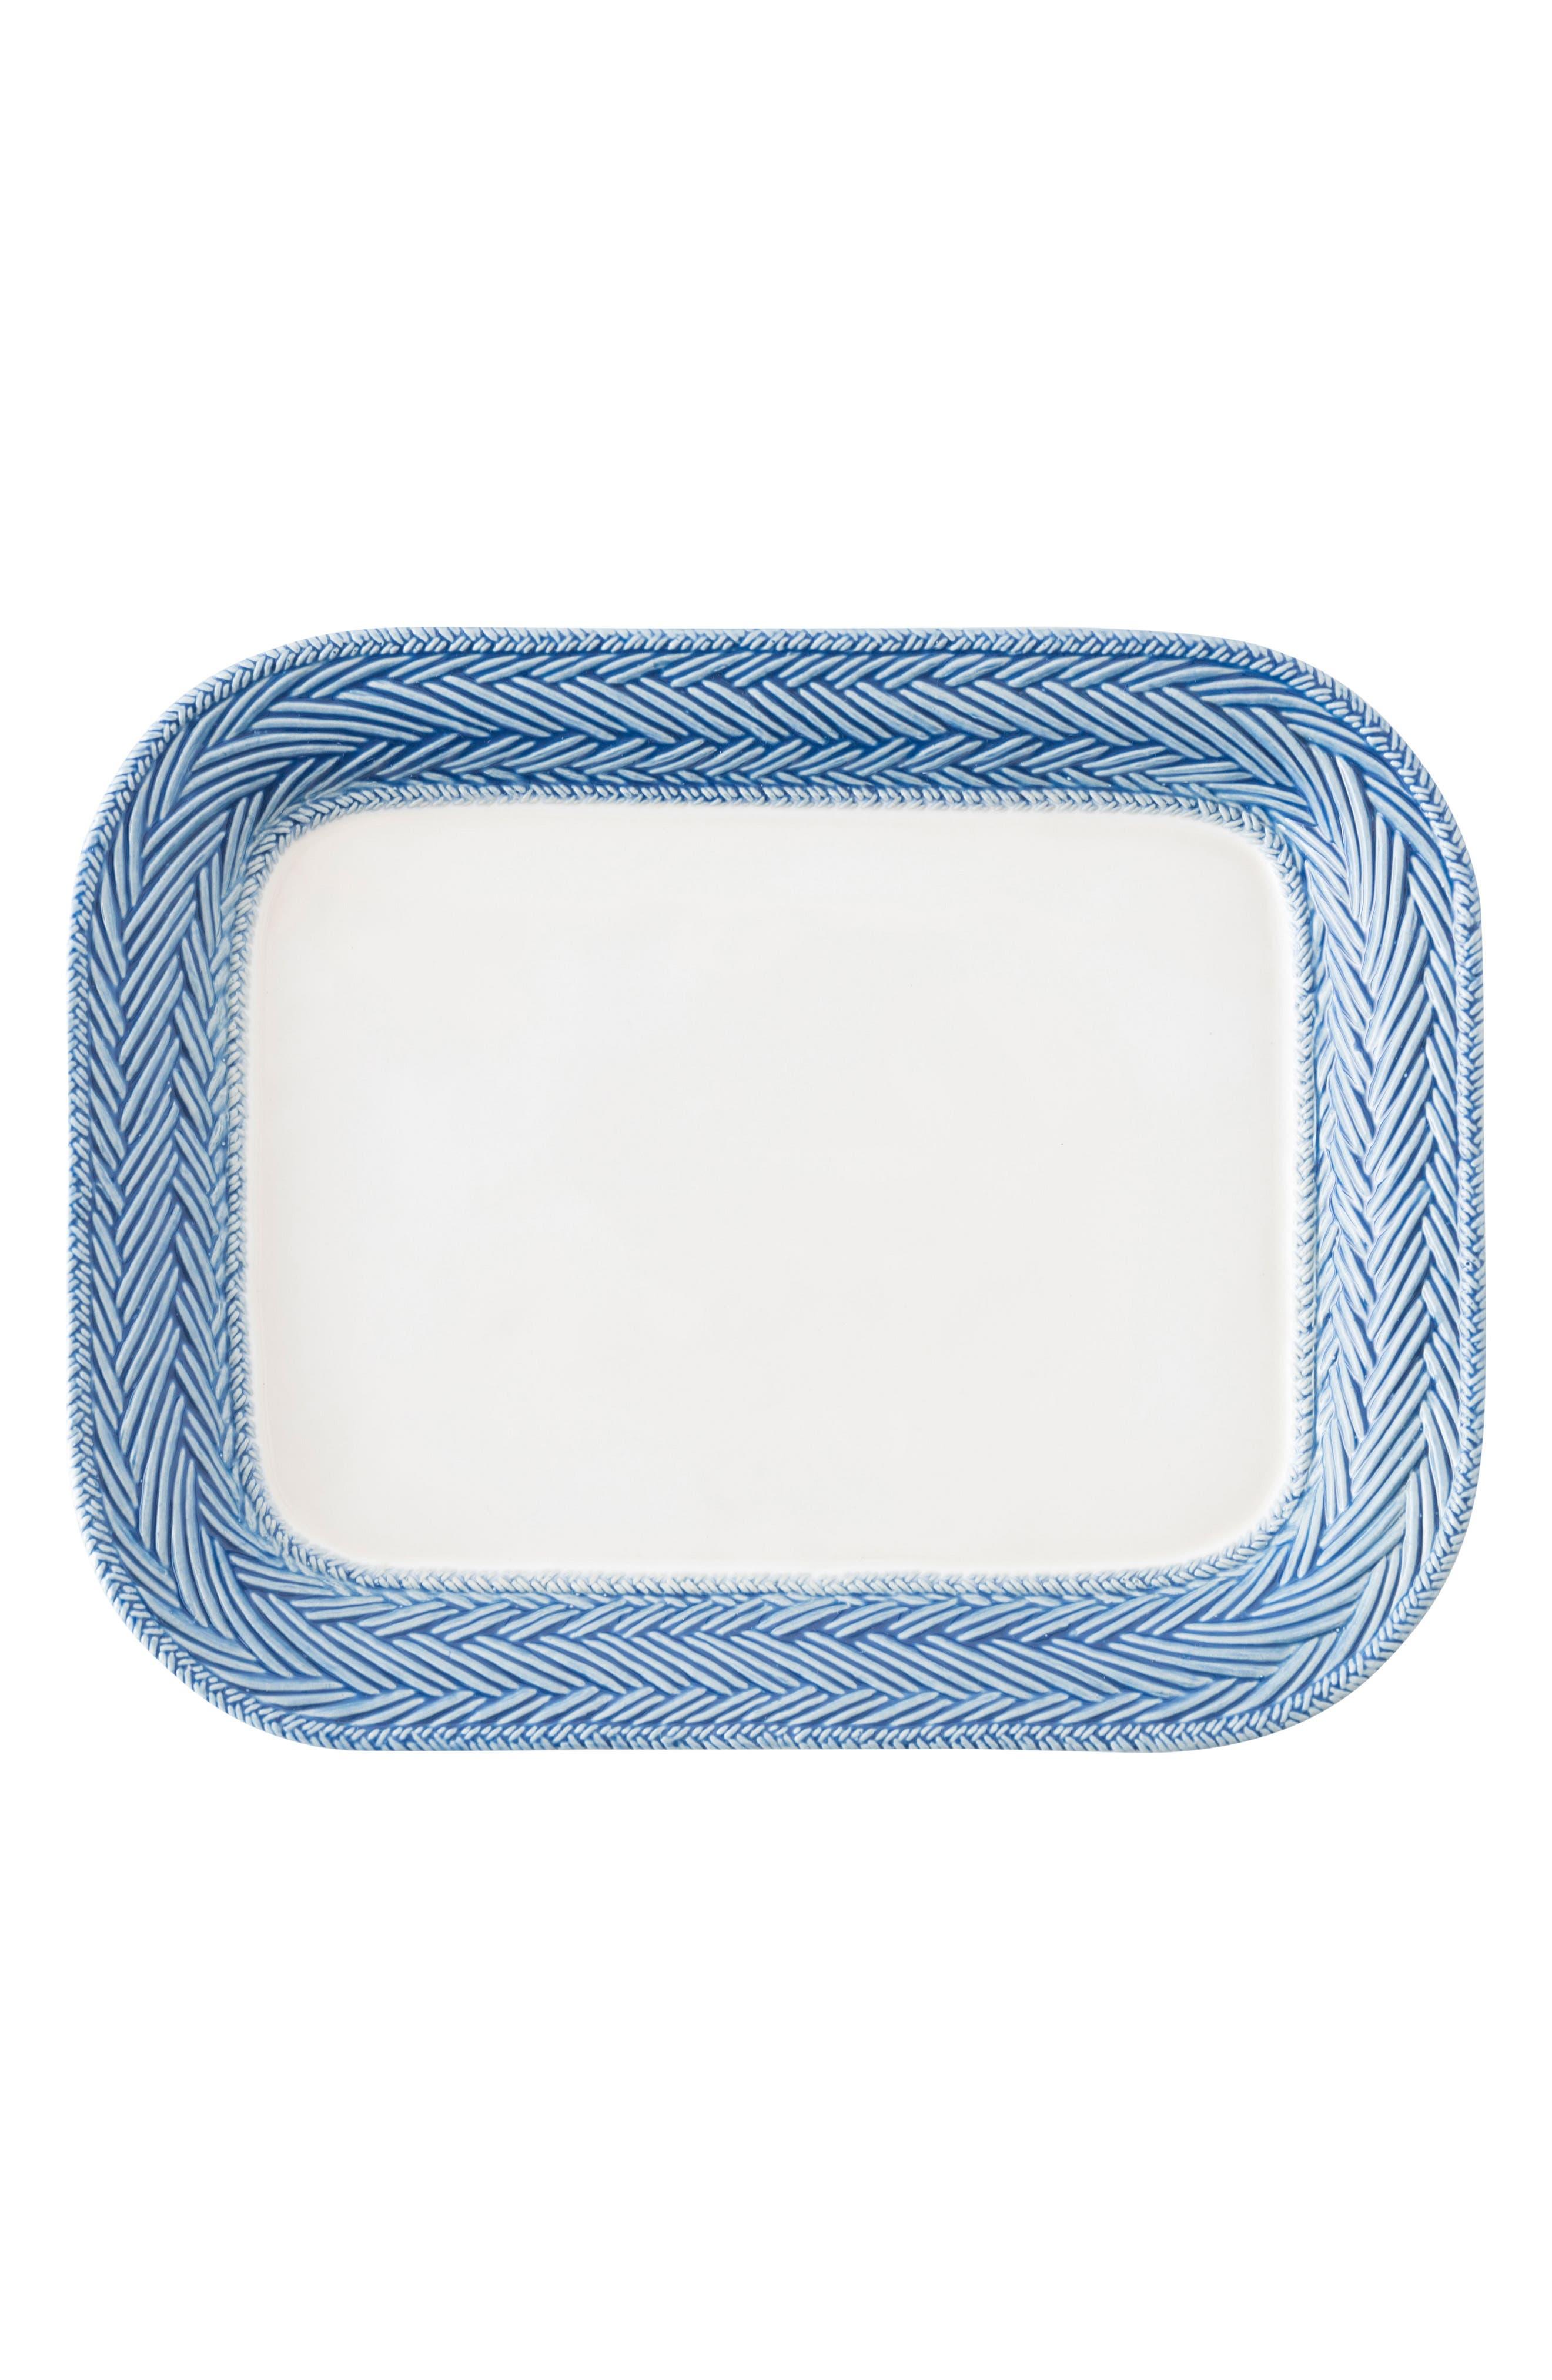 Le Panier Serving Platter,                             Main thumbnail 1, color,                             Whitewash/ Delft Blue